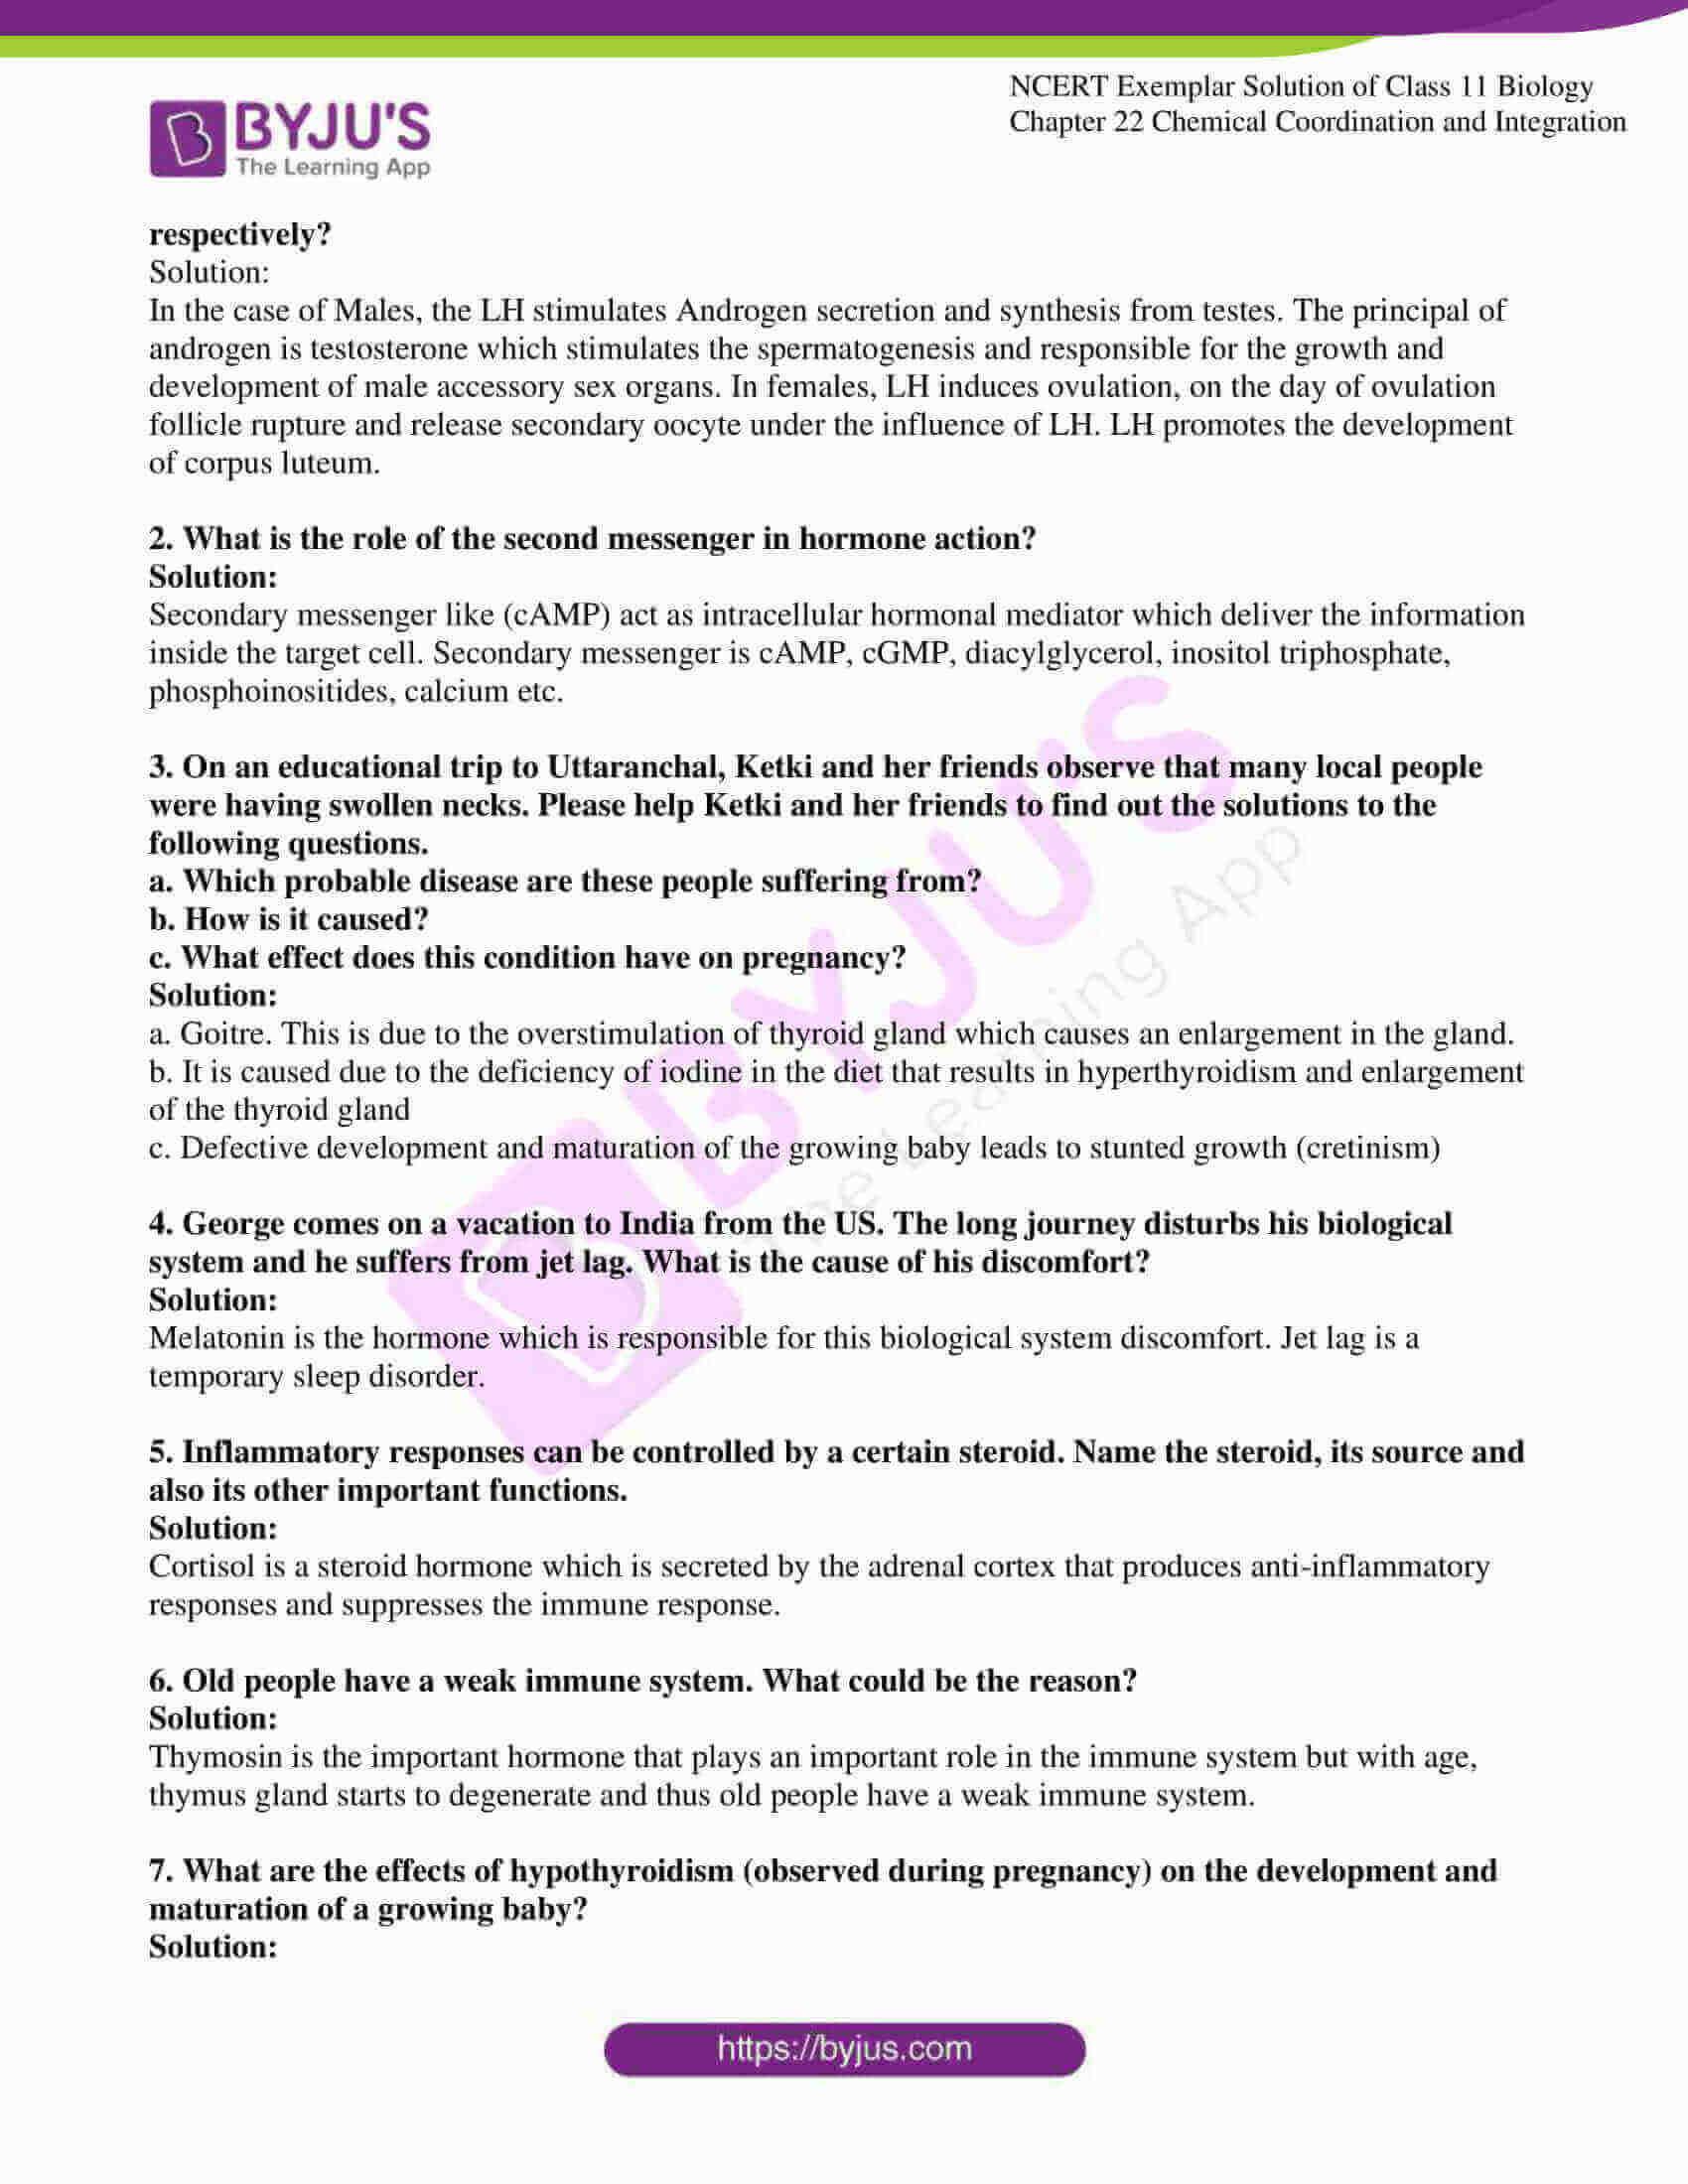 ncert exemplar solutions class 11 biology chapter 22 6